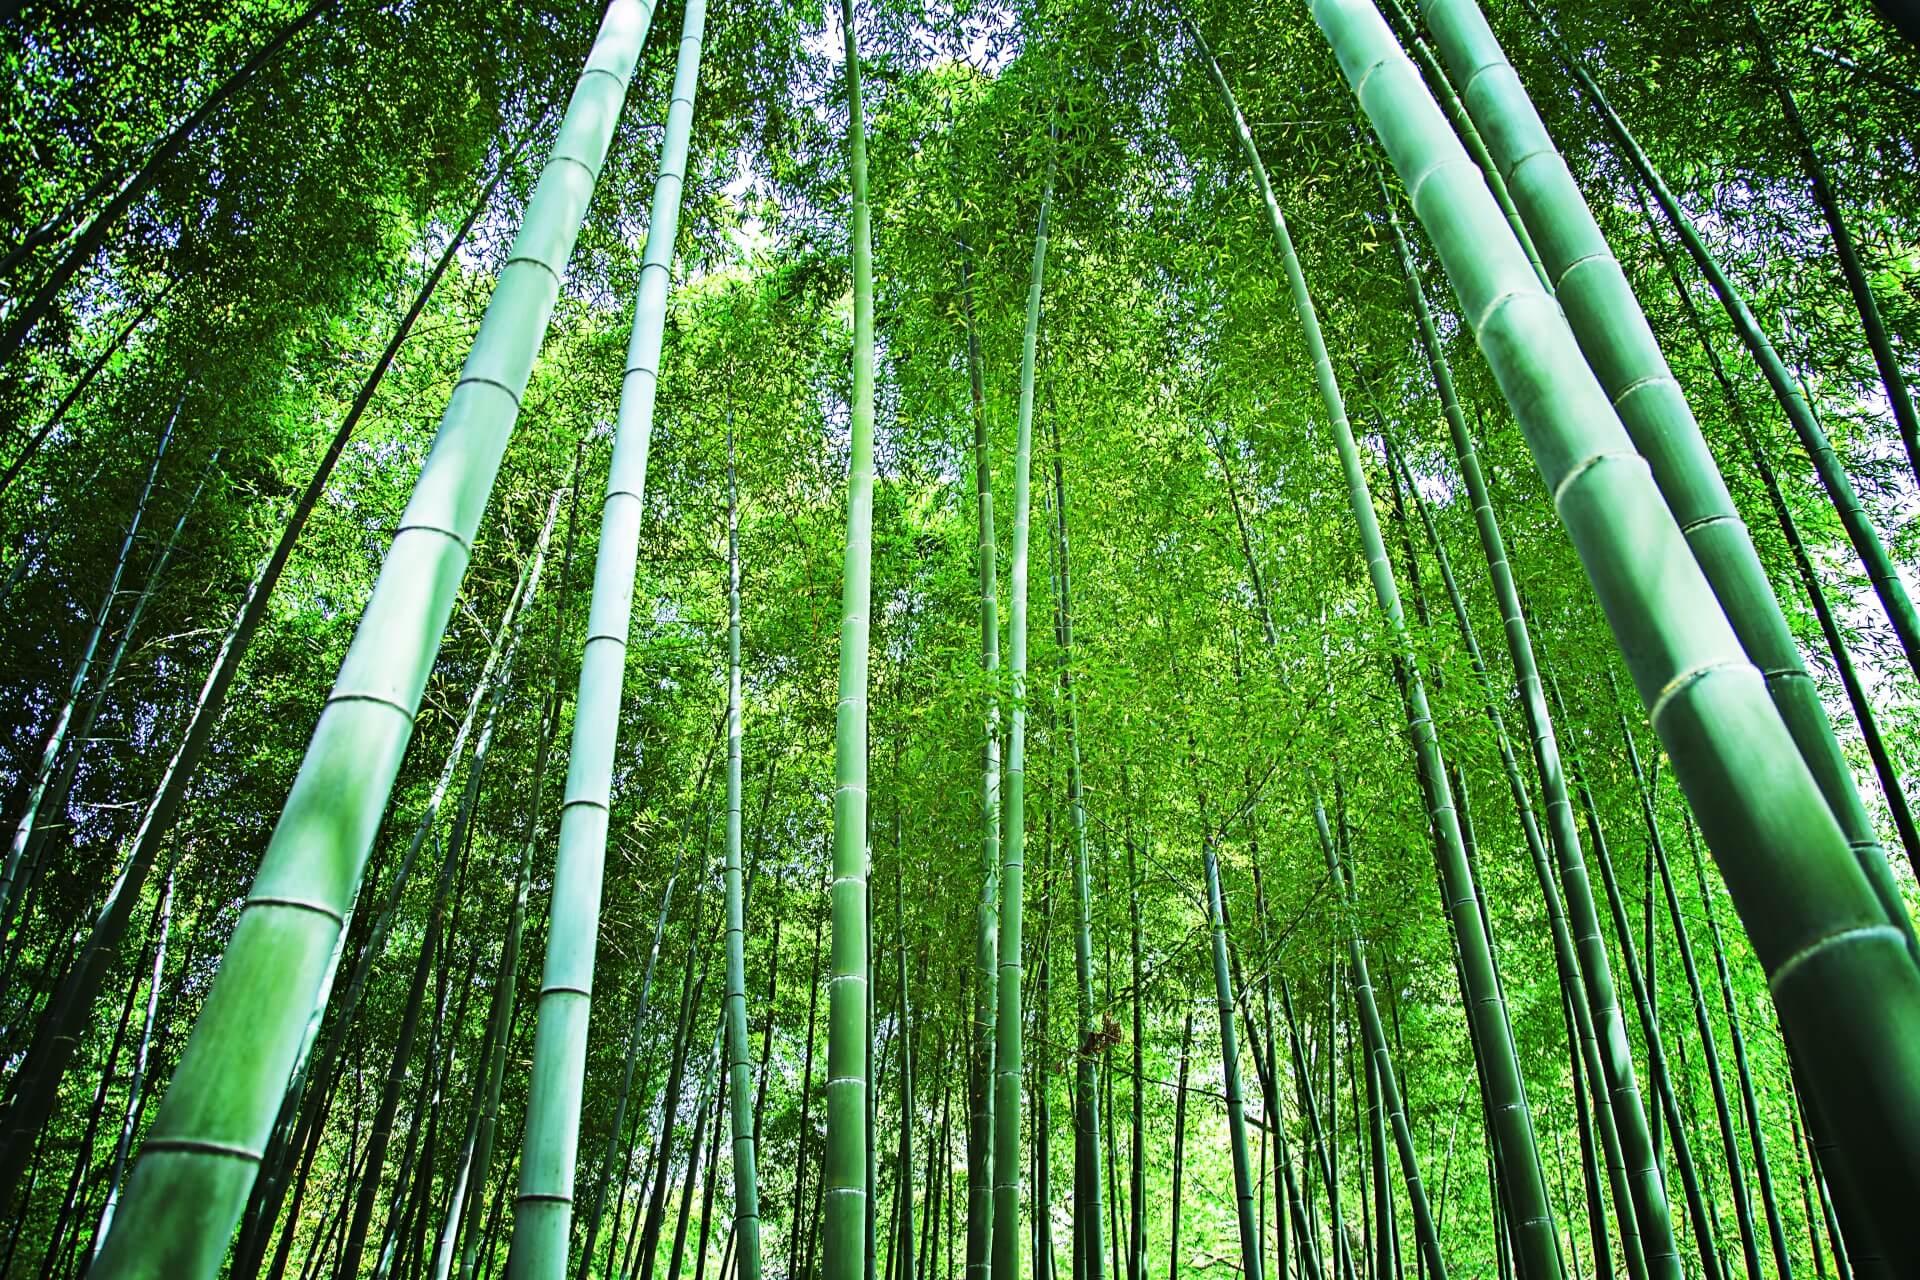 フィリピン:ダバオの竹で環境と経済を活性化、起業家が竹の植林を促進